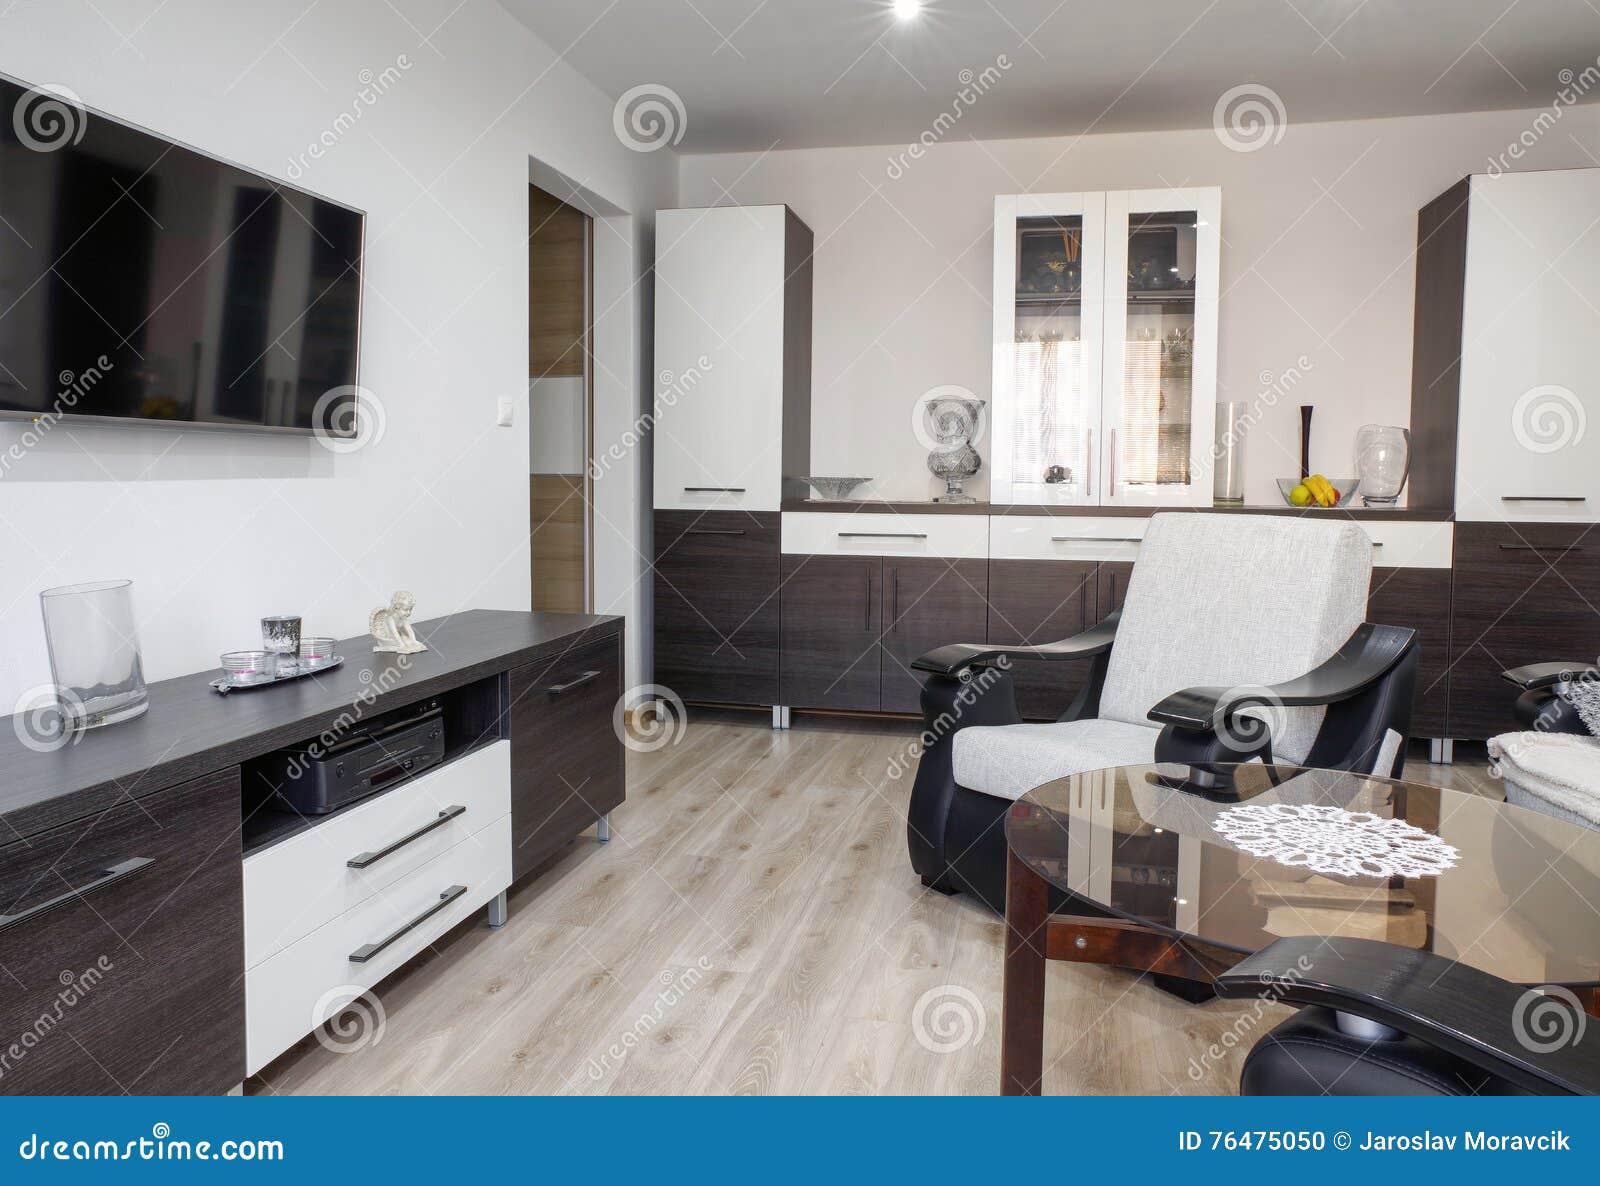 Moderne Möbel Im Wohnzimmer Stockfoto - Bild von raum, modern: 76475050